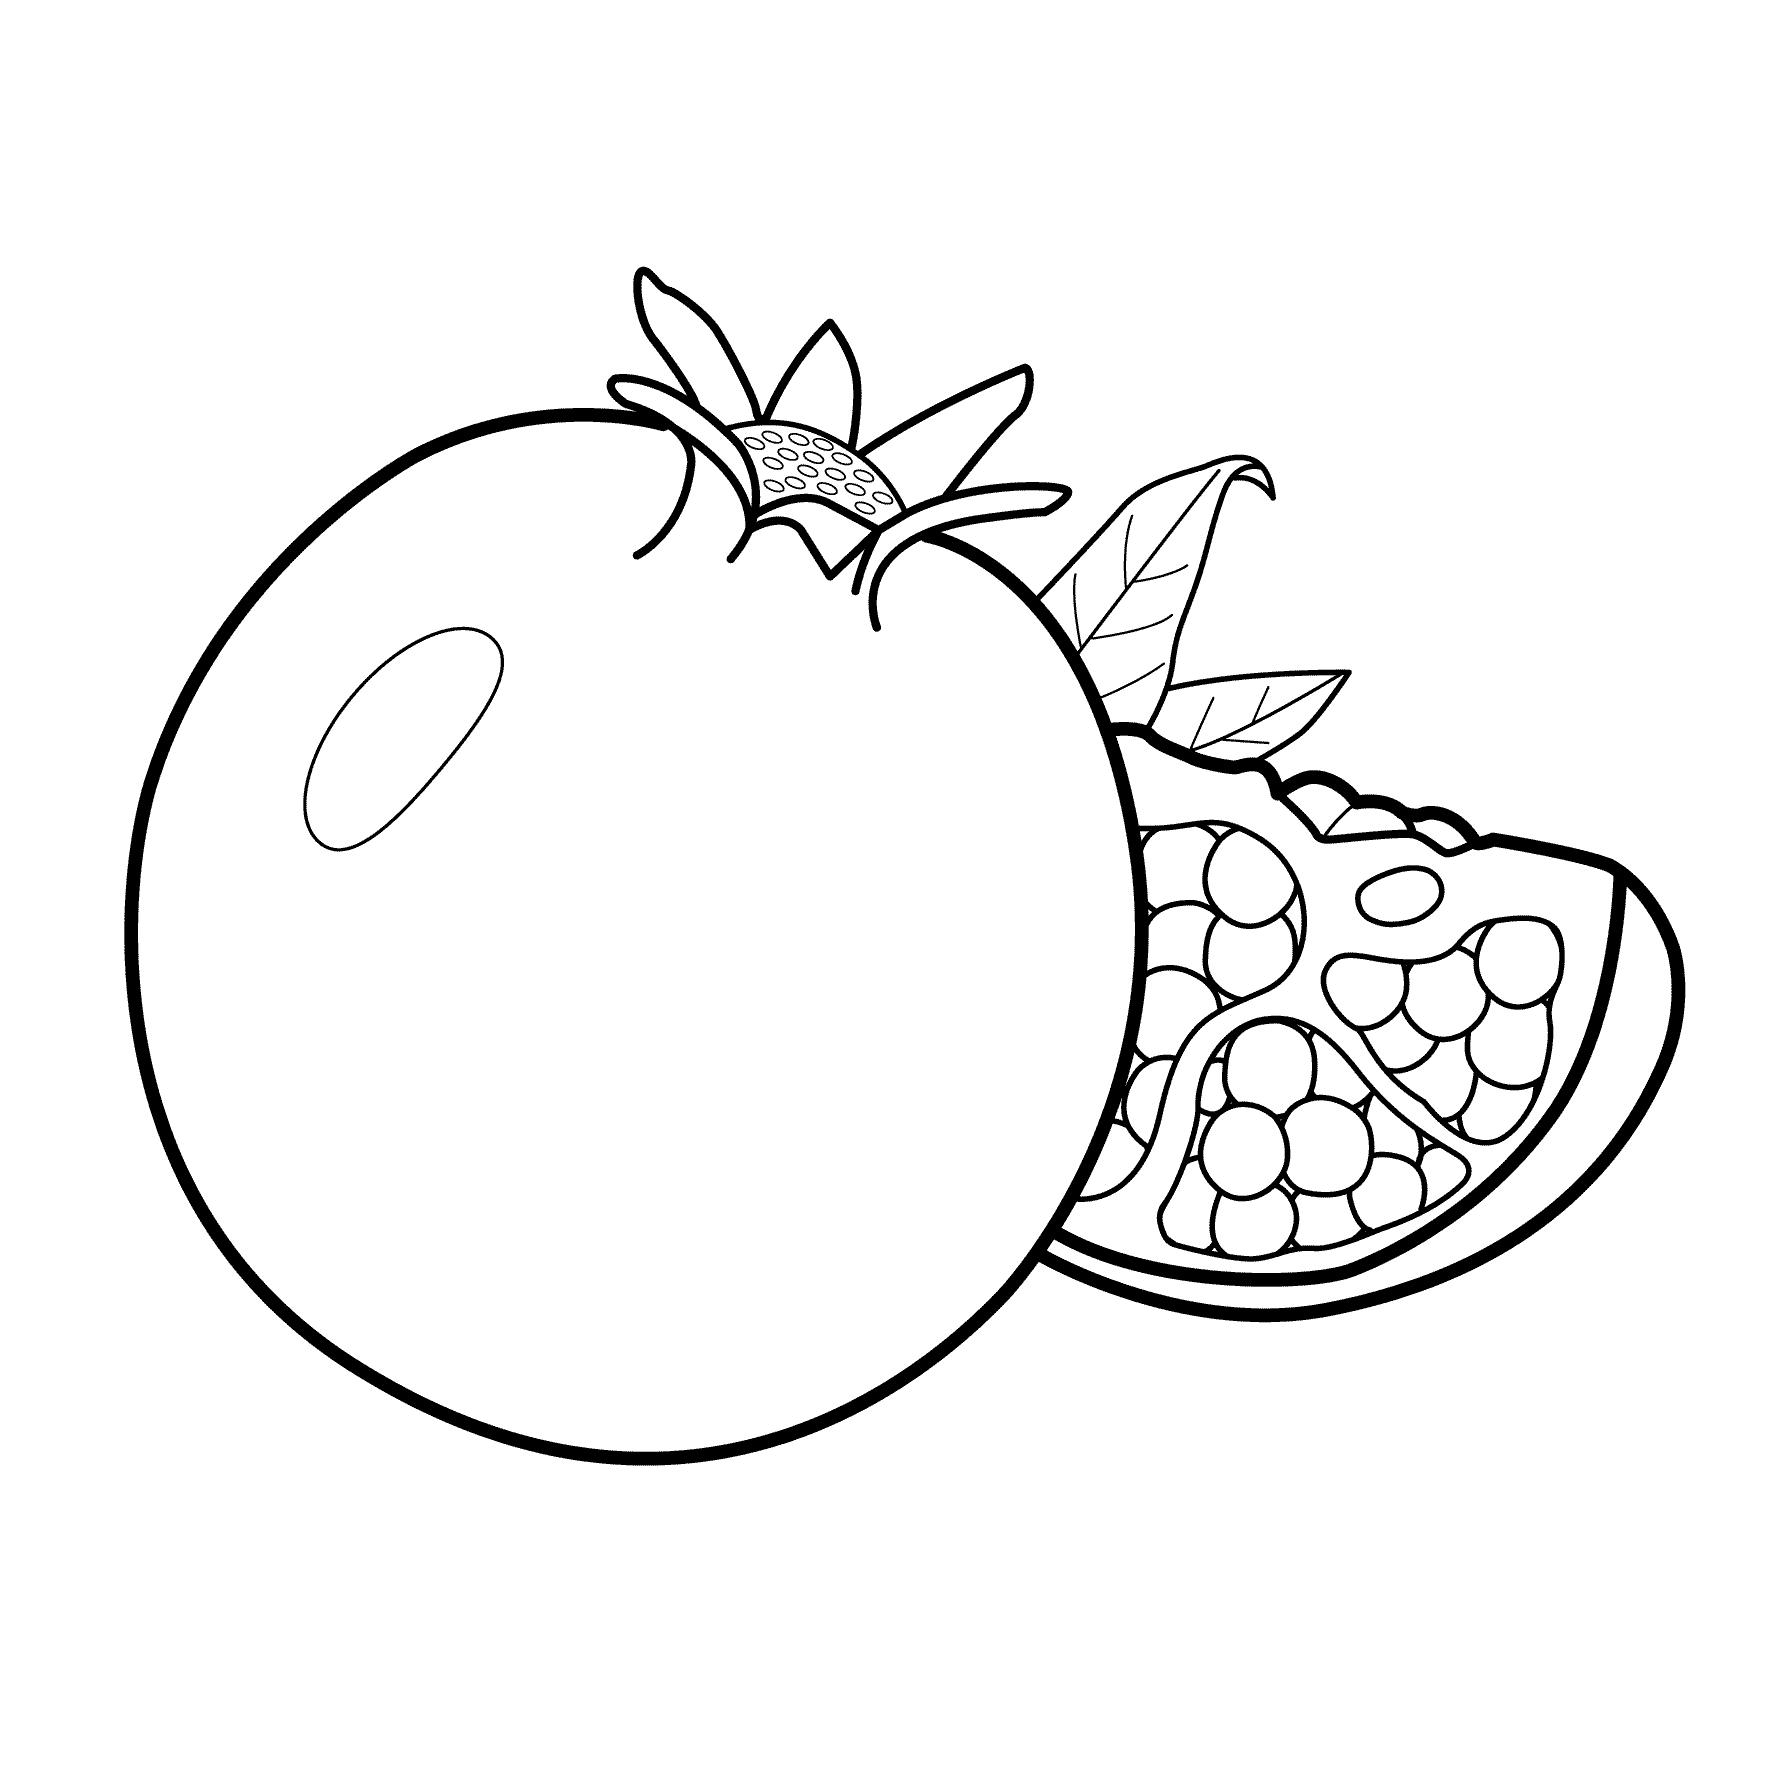 Раскраска Гранат | Овощи и фрукты